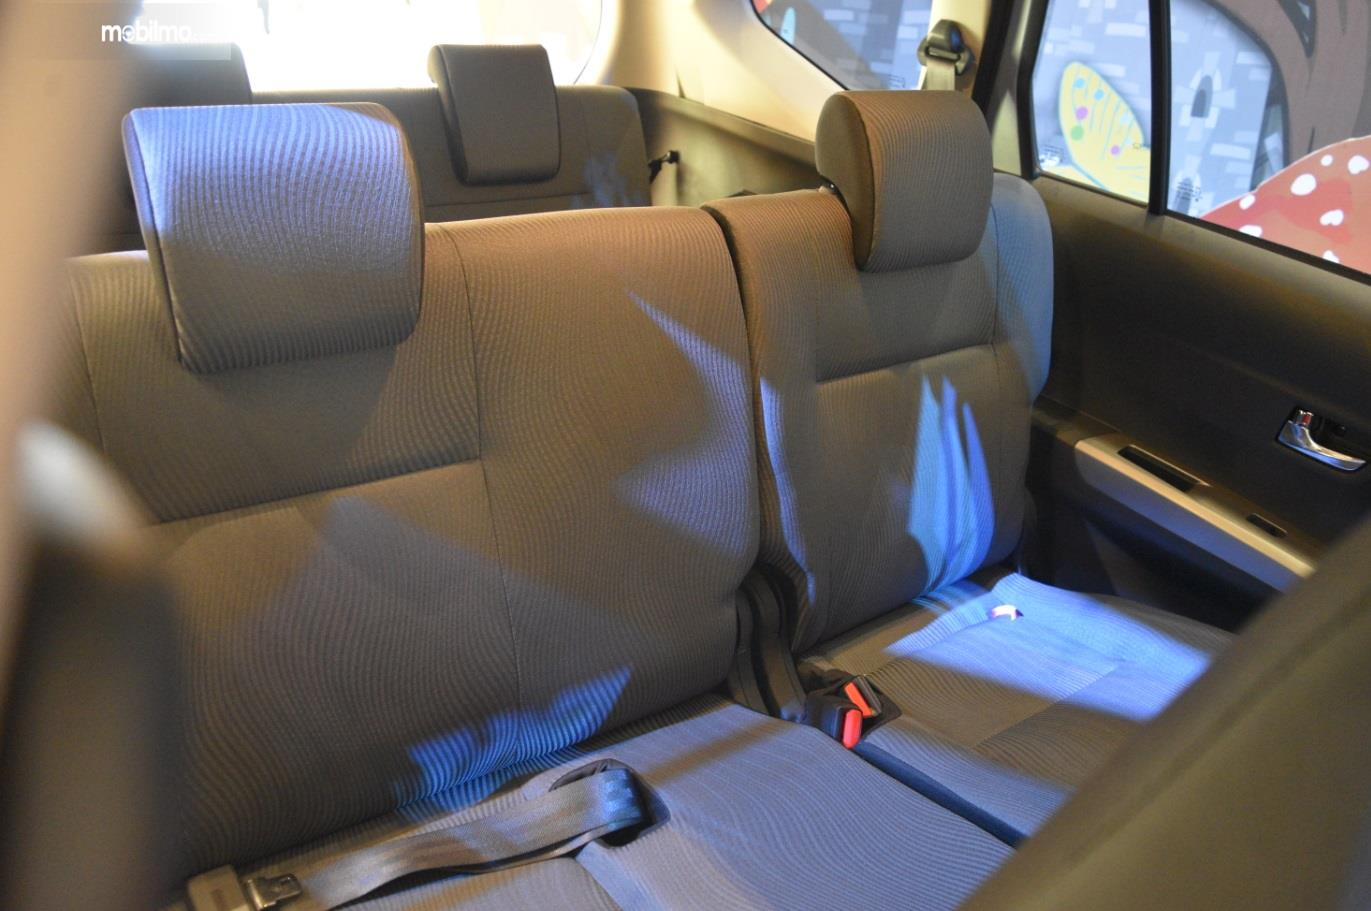 Kursi Daihatsu Sigra 2019 mampu menampung hingga 7 orang sekaligus, cocok untuk dijadikan mobil keluarga